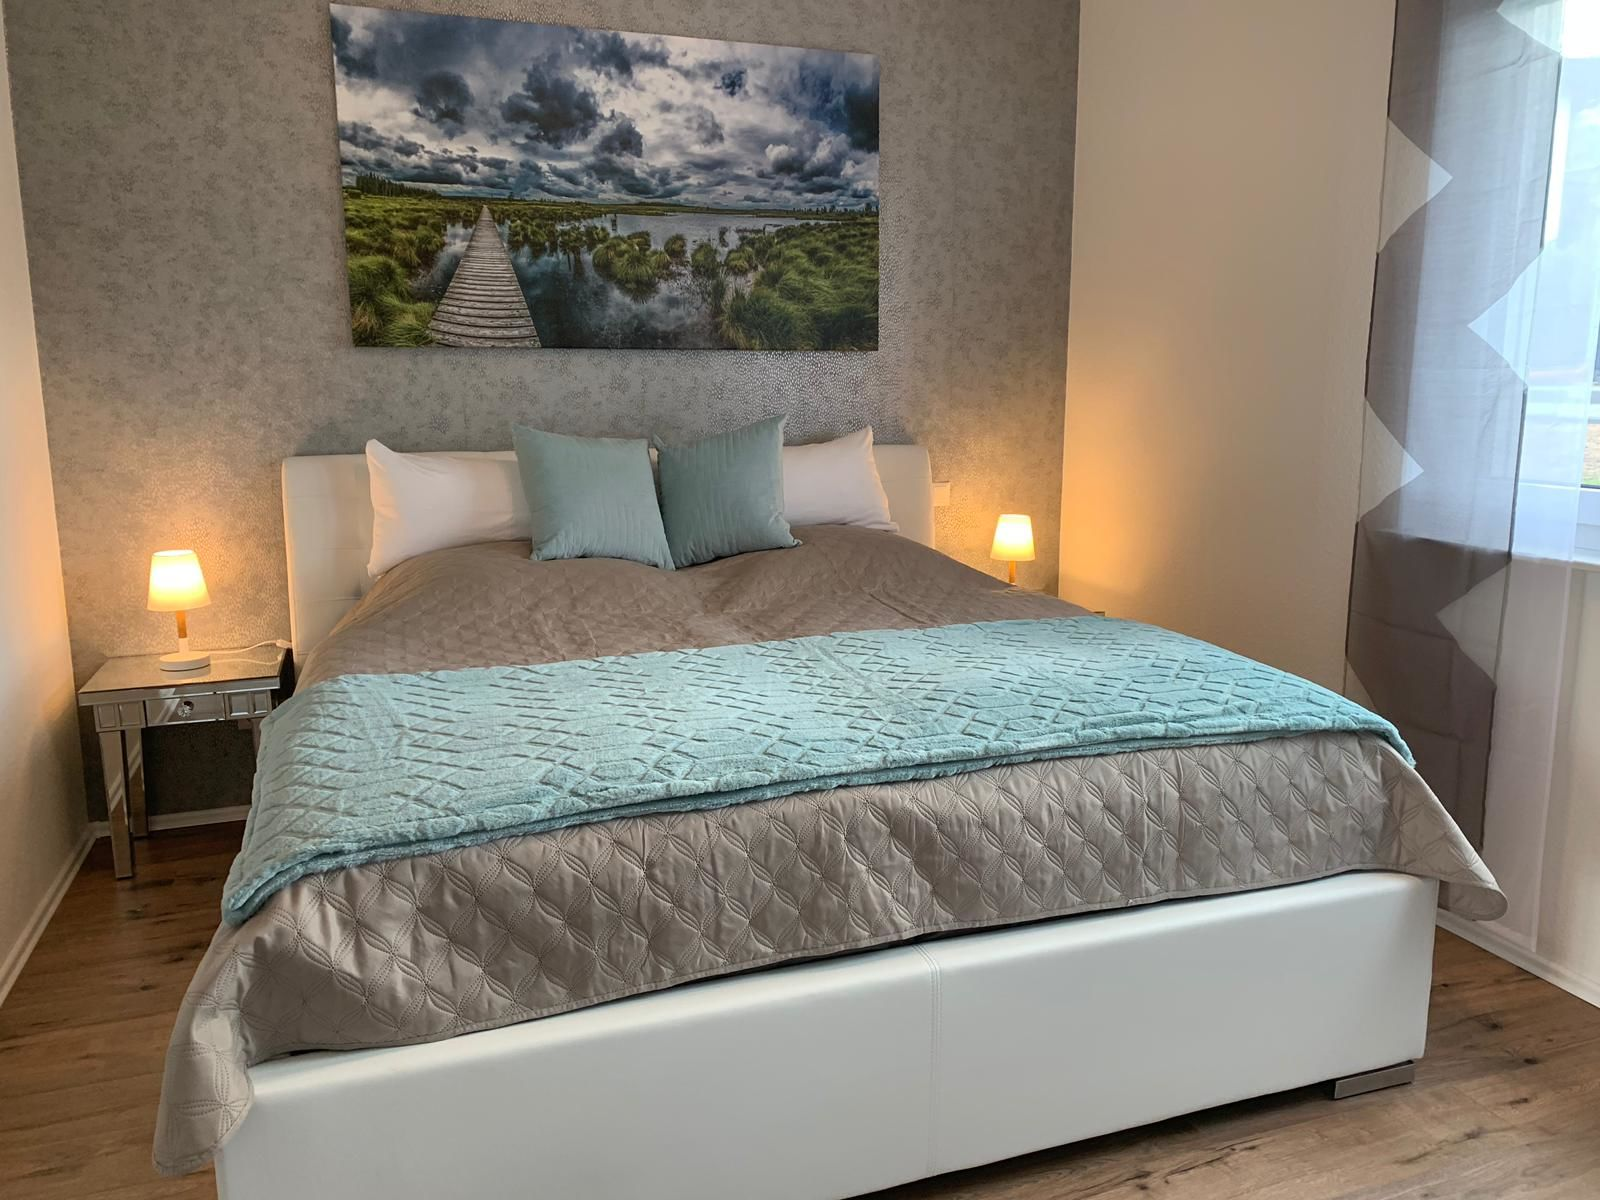 Full Size of Bett 200x180 Ferienwohnung Monciao In Monschau Nordrhein Westfalen 120 Betten überlänge Home Affaire Kopfteil Für Mit Matratze Und Lattenrost Stapelbar Bett Bett 200x180